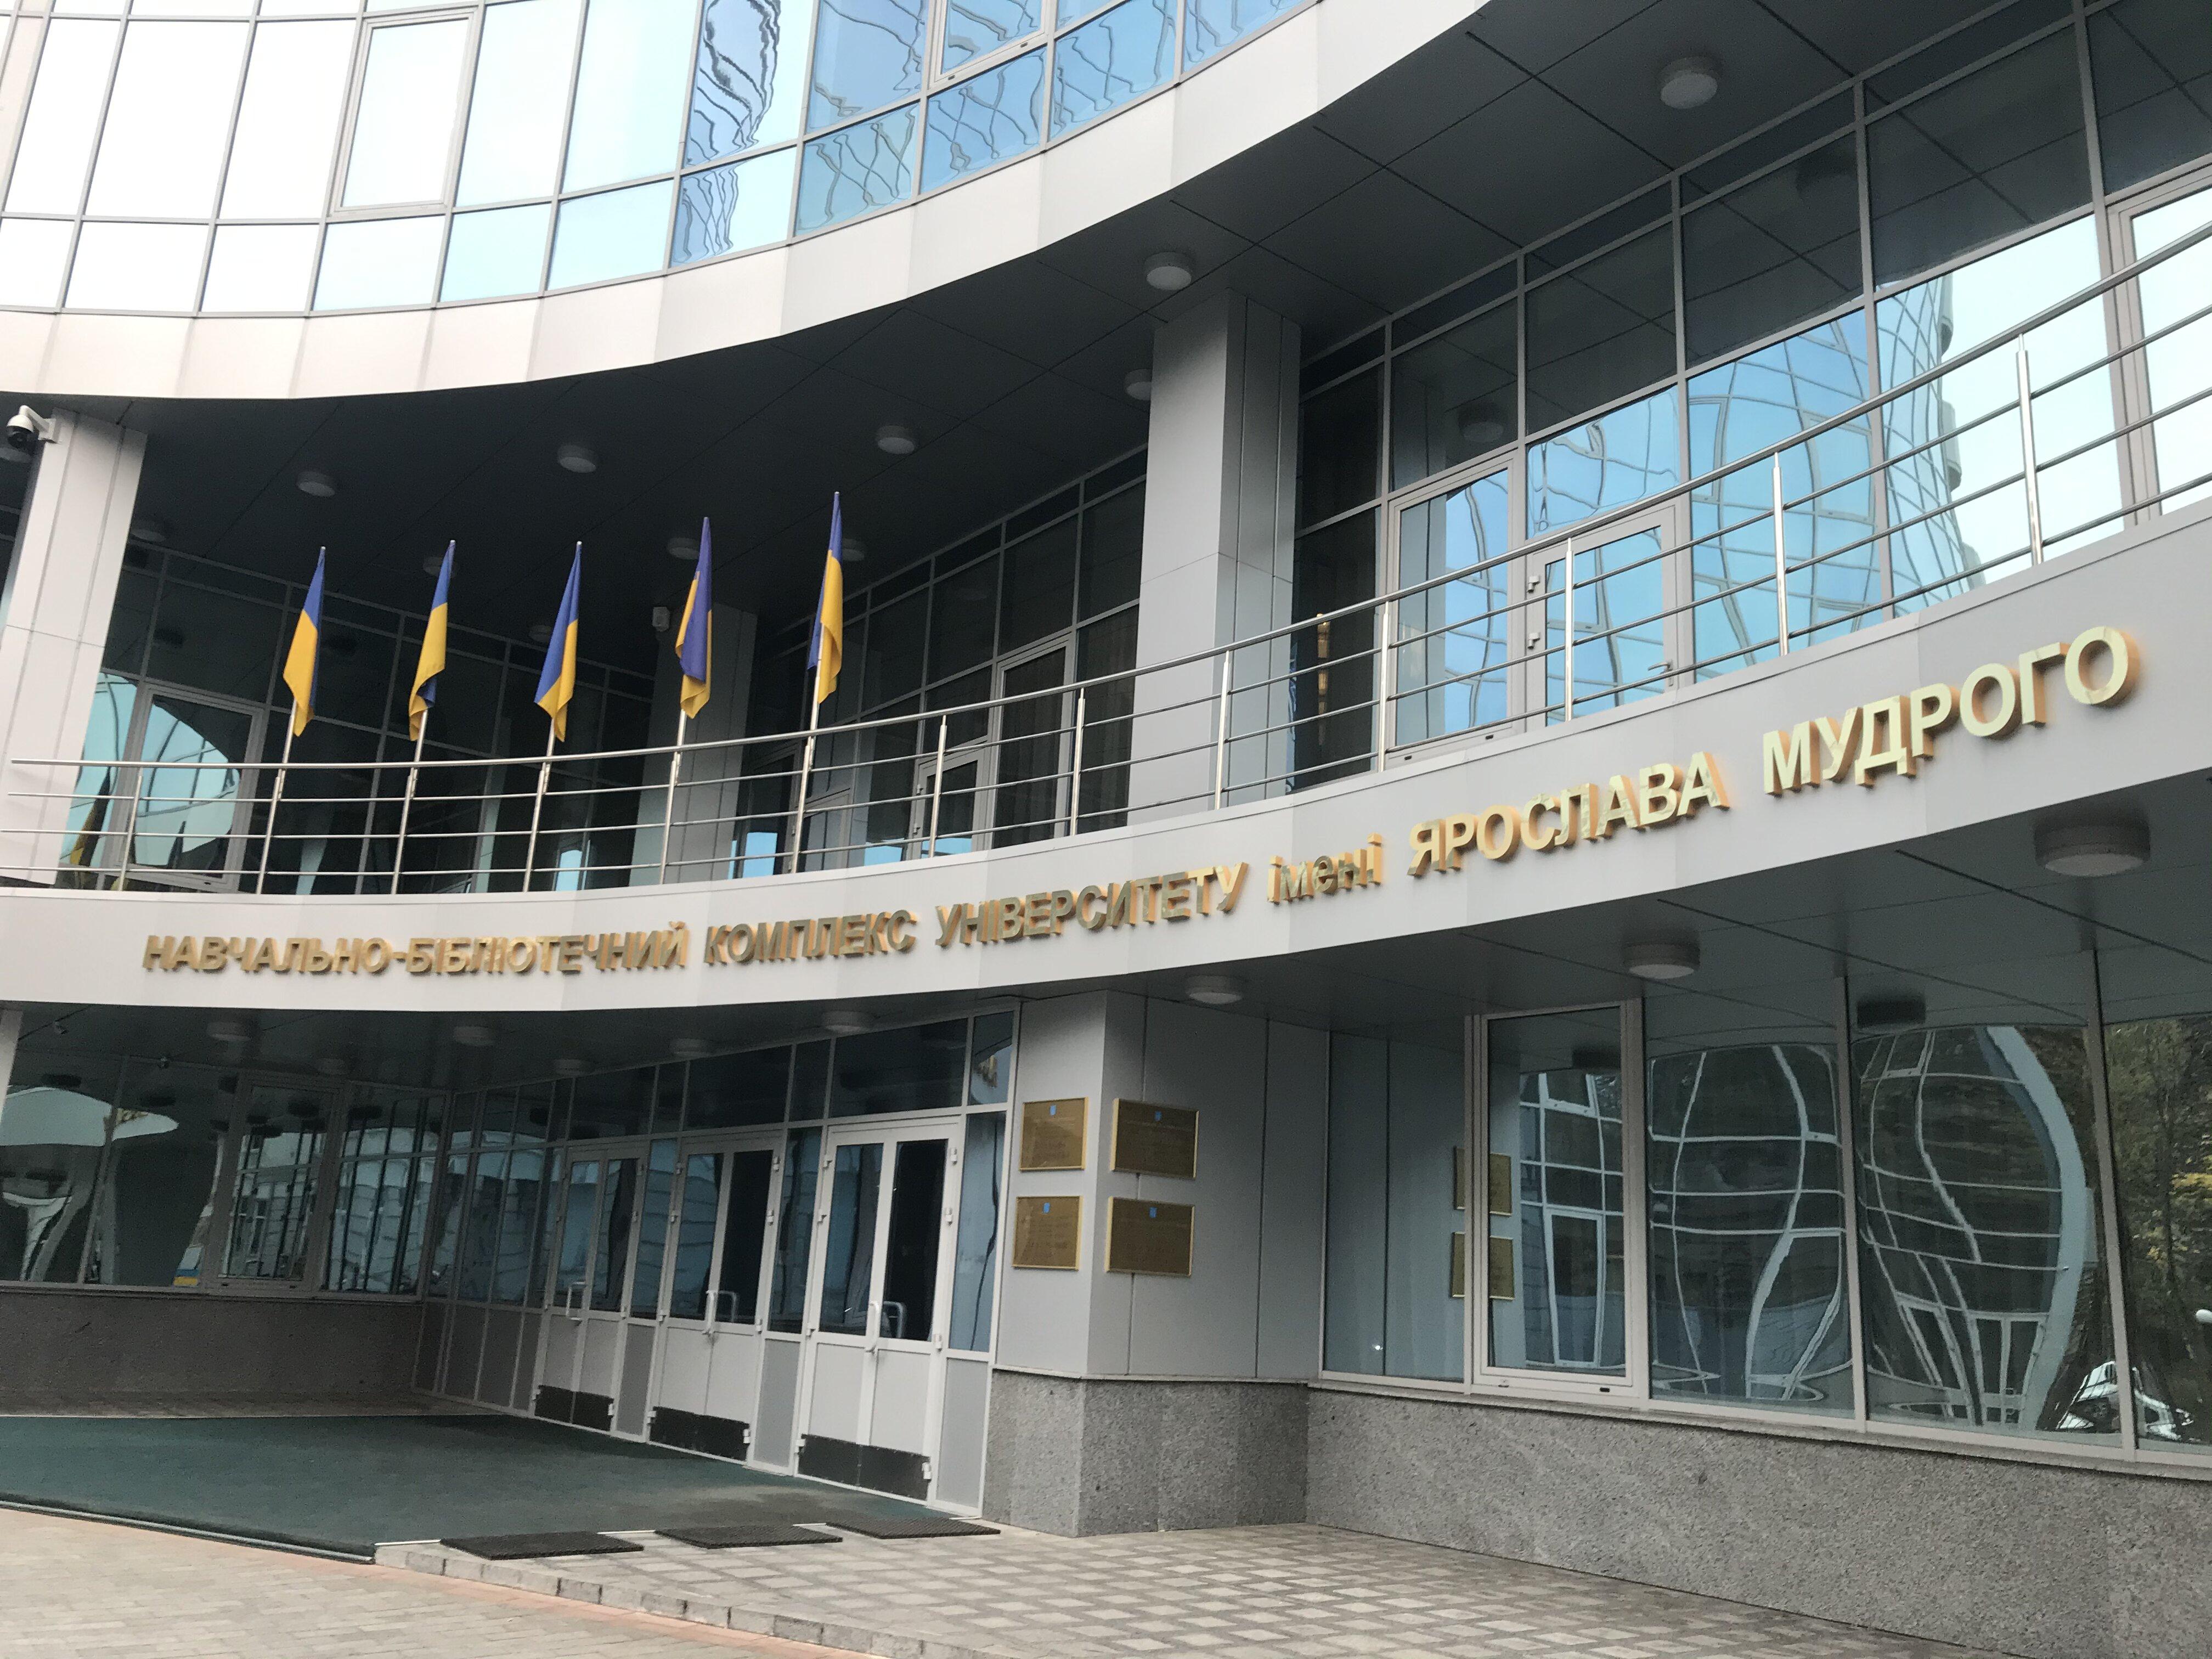 Екскурсія до НБК НЮУ ім. Ярослава Мудрого